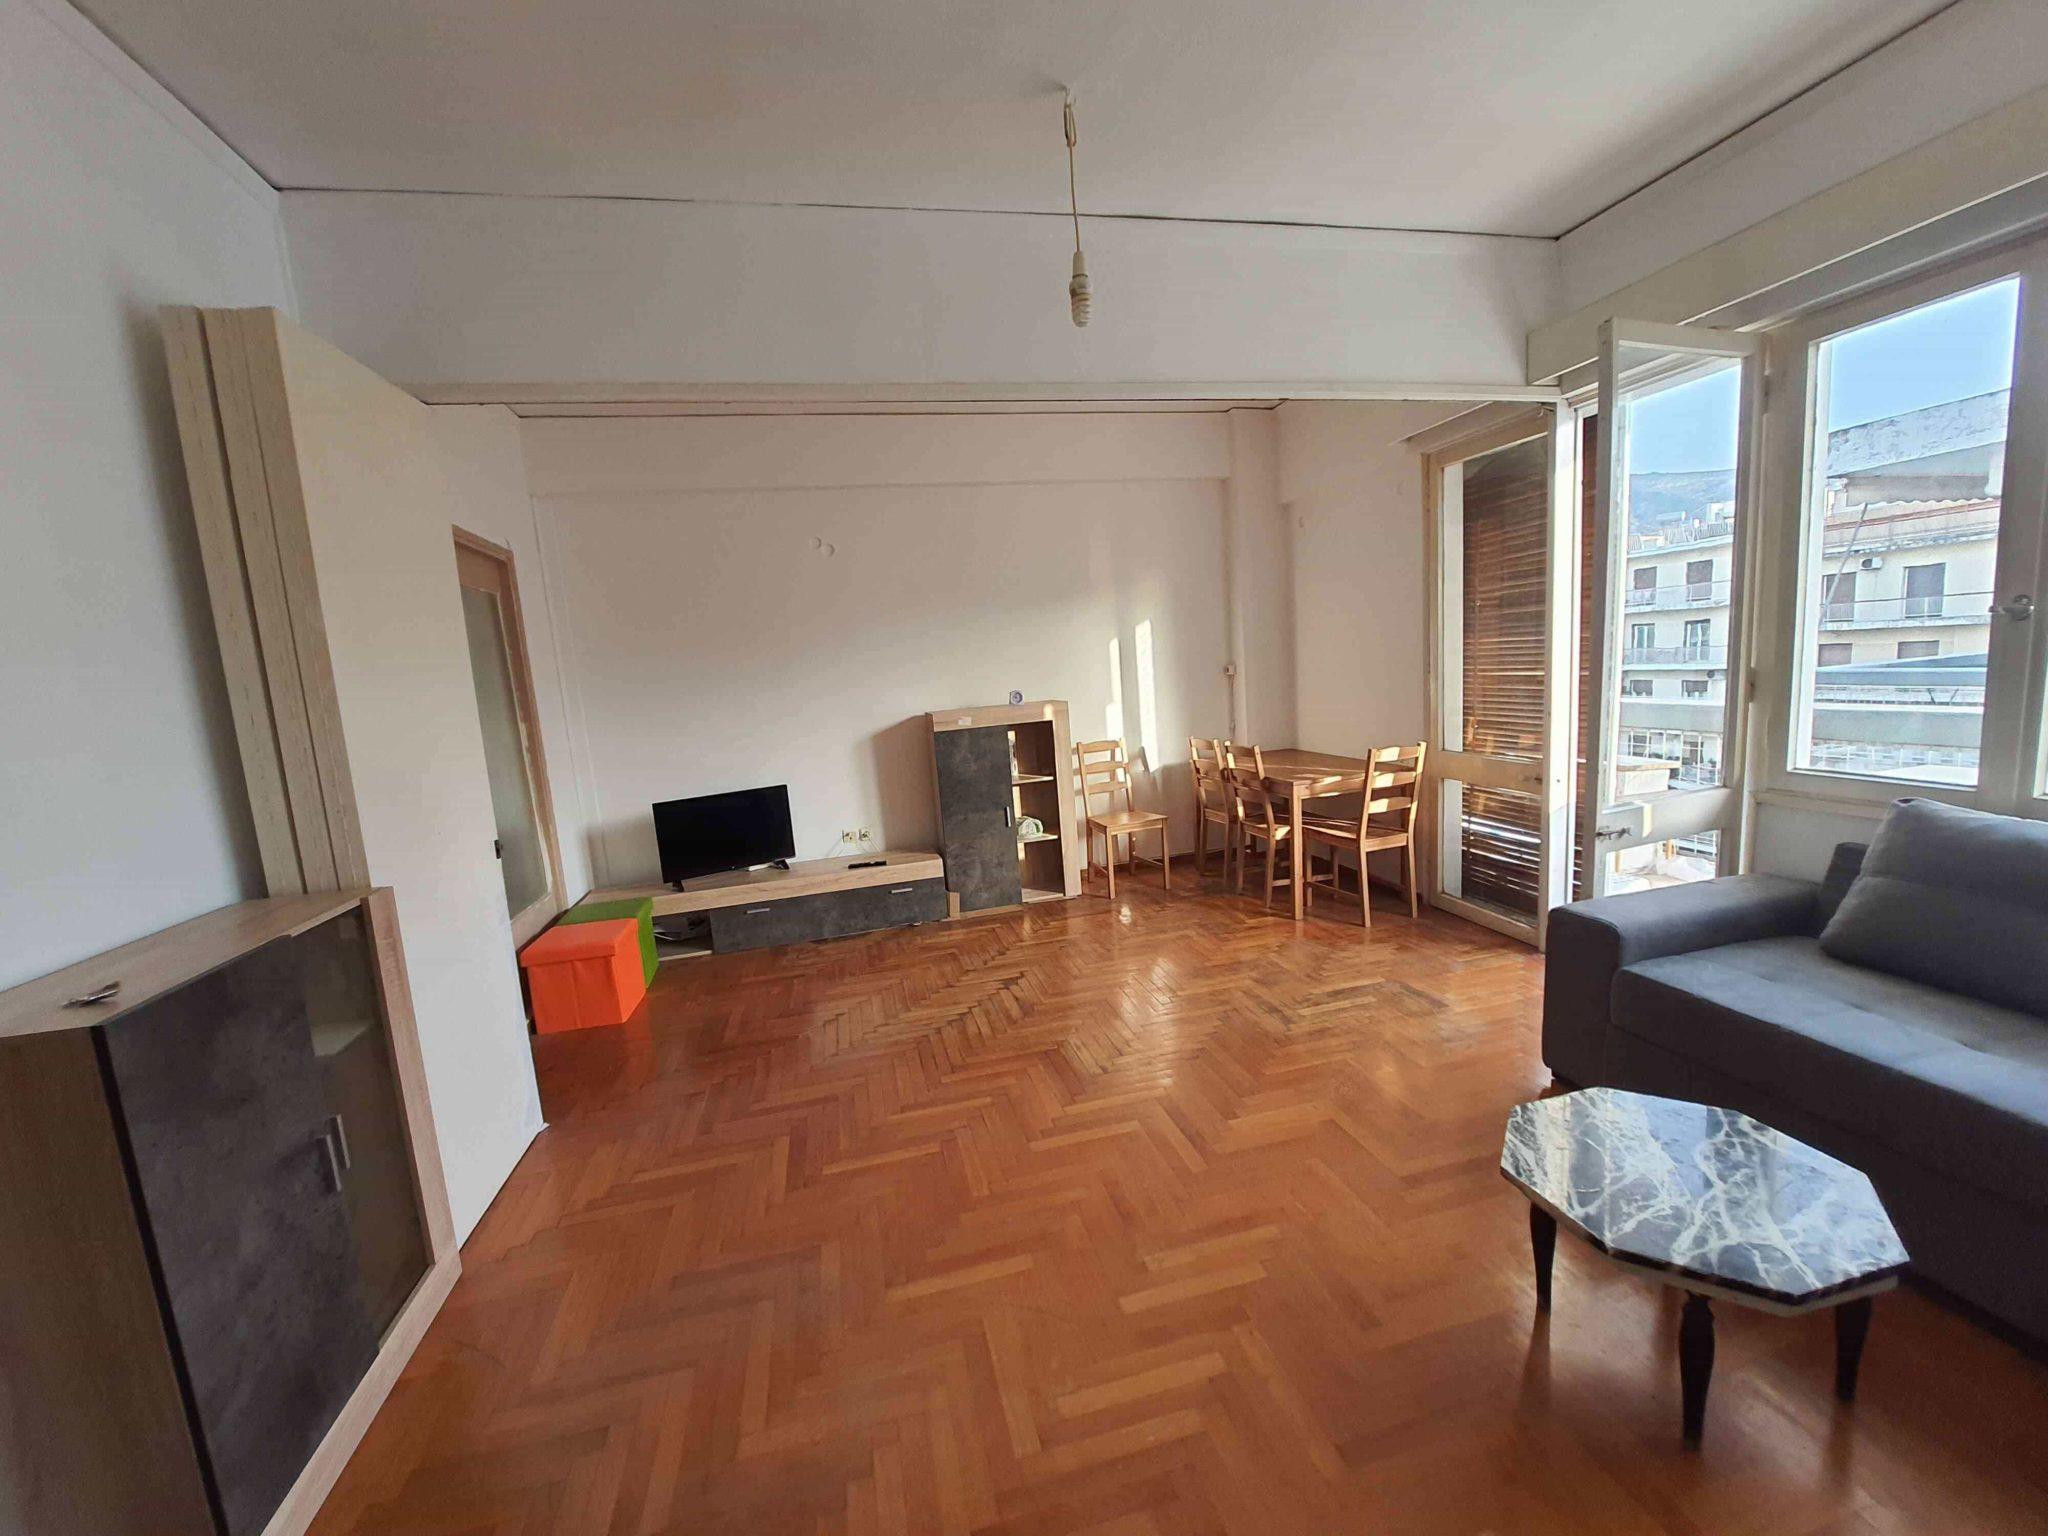 Διαμέρισμα Zograf Αθηνών προς ενοικίαση 80 τ.μ.